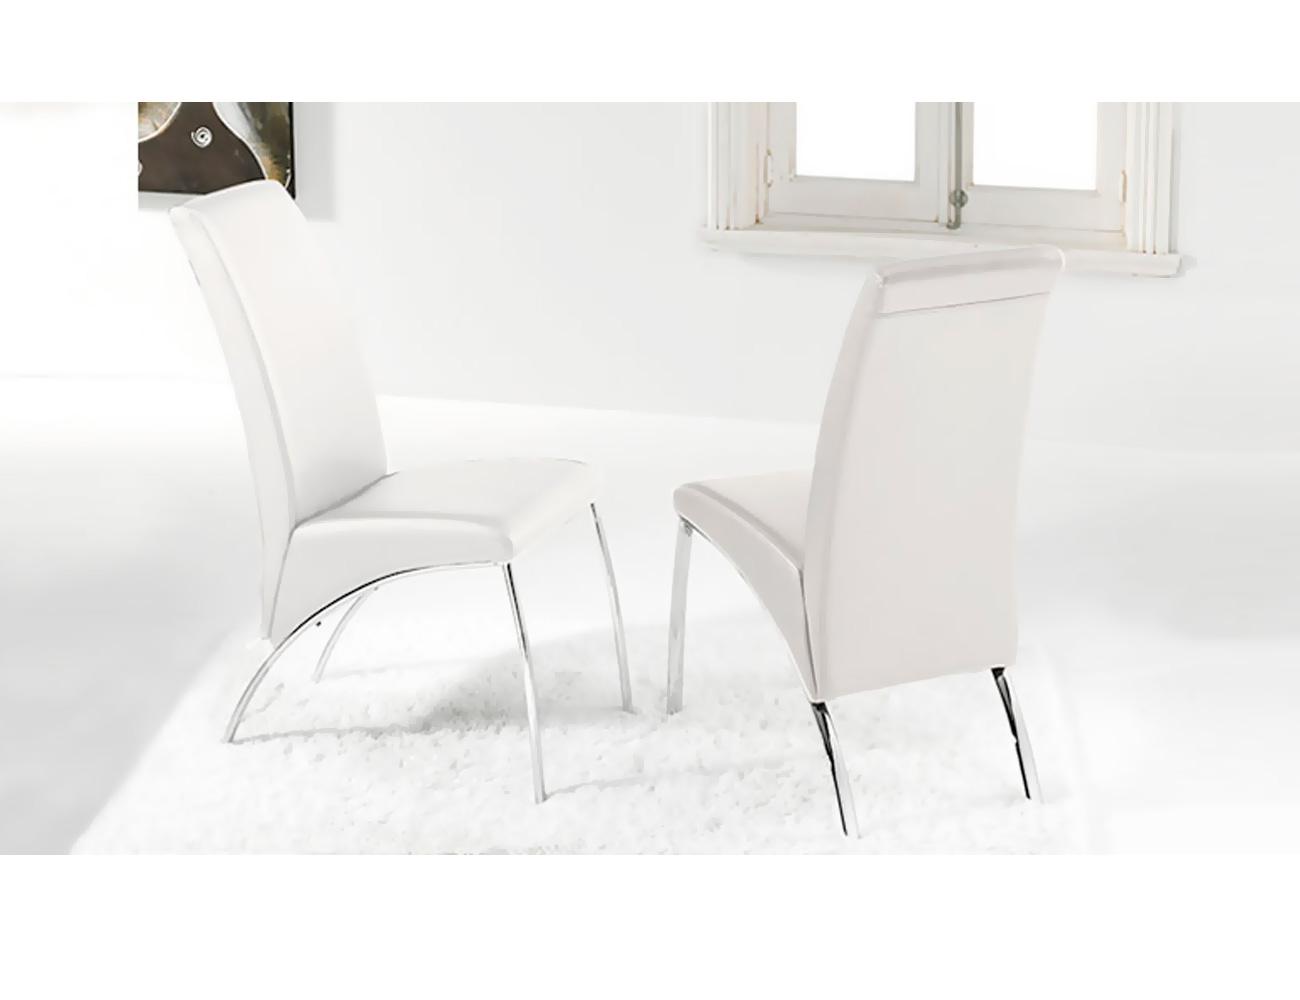 Silla comedor polipiel blanco patas cromadas1